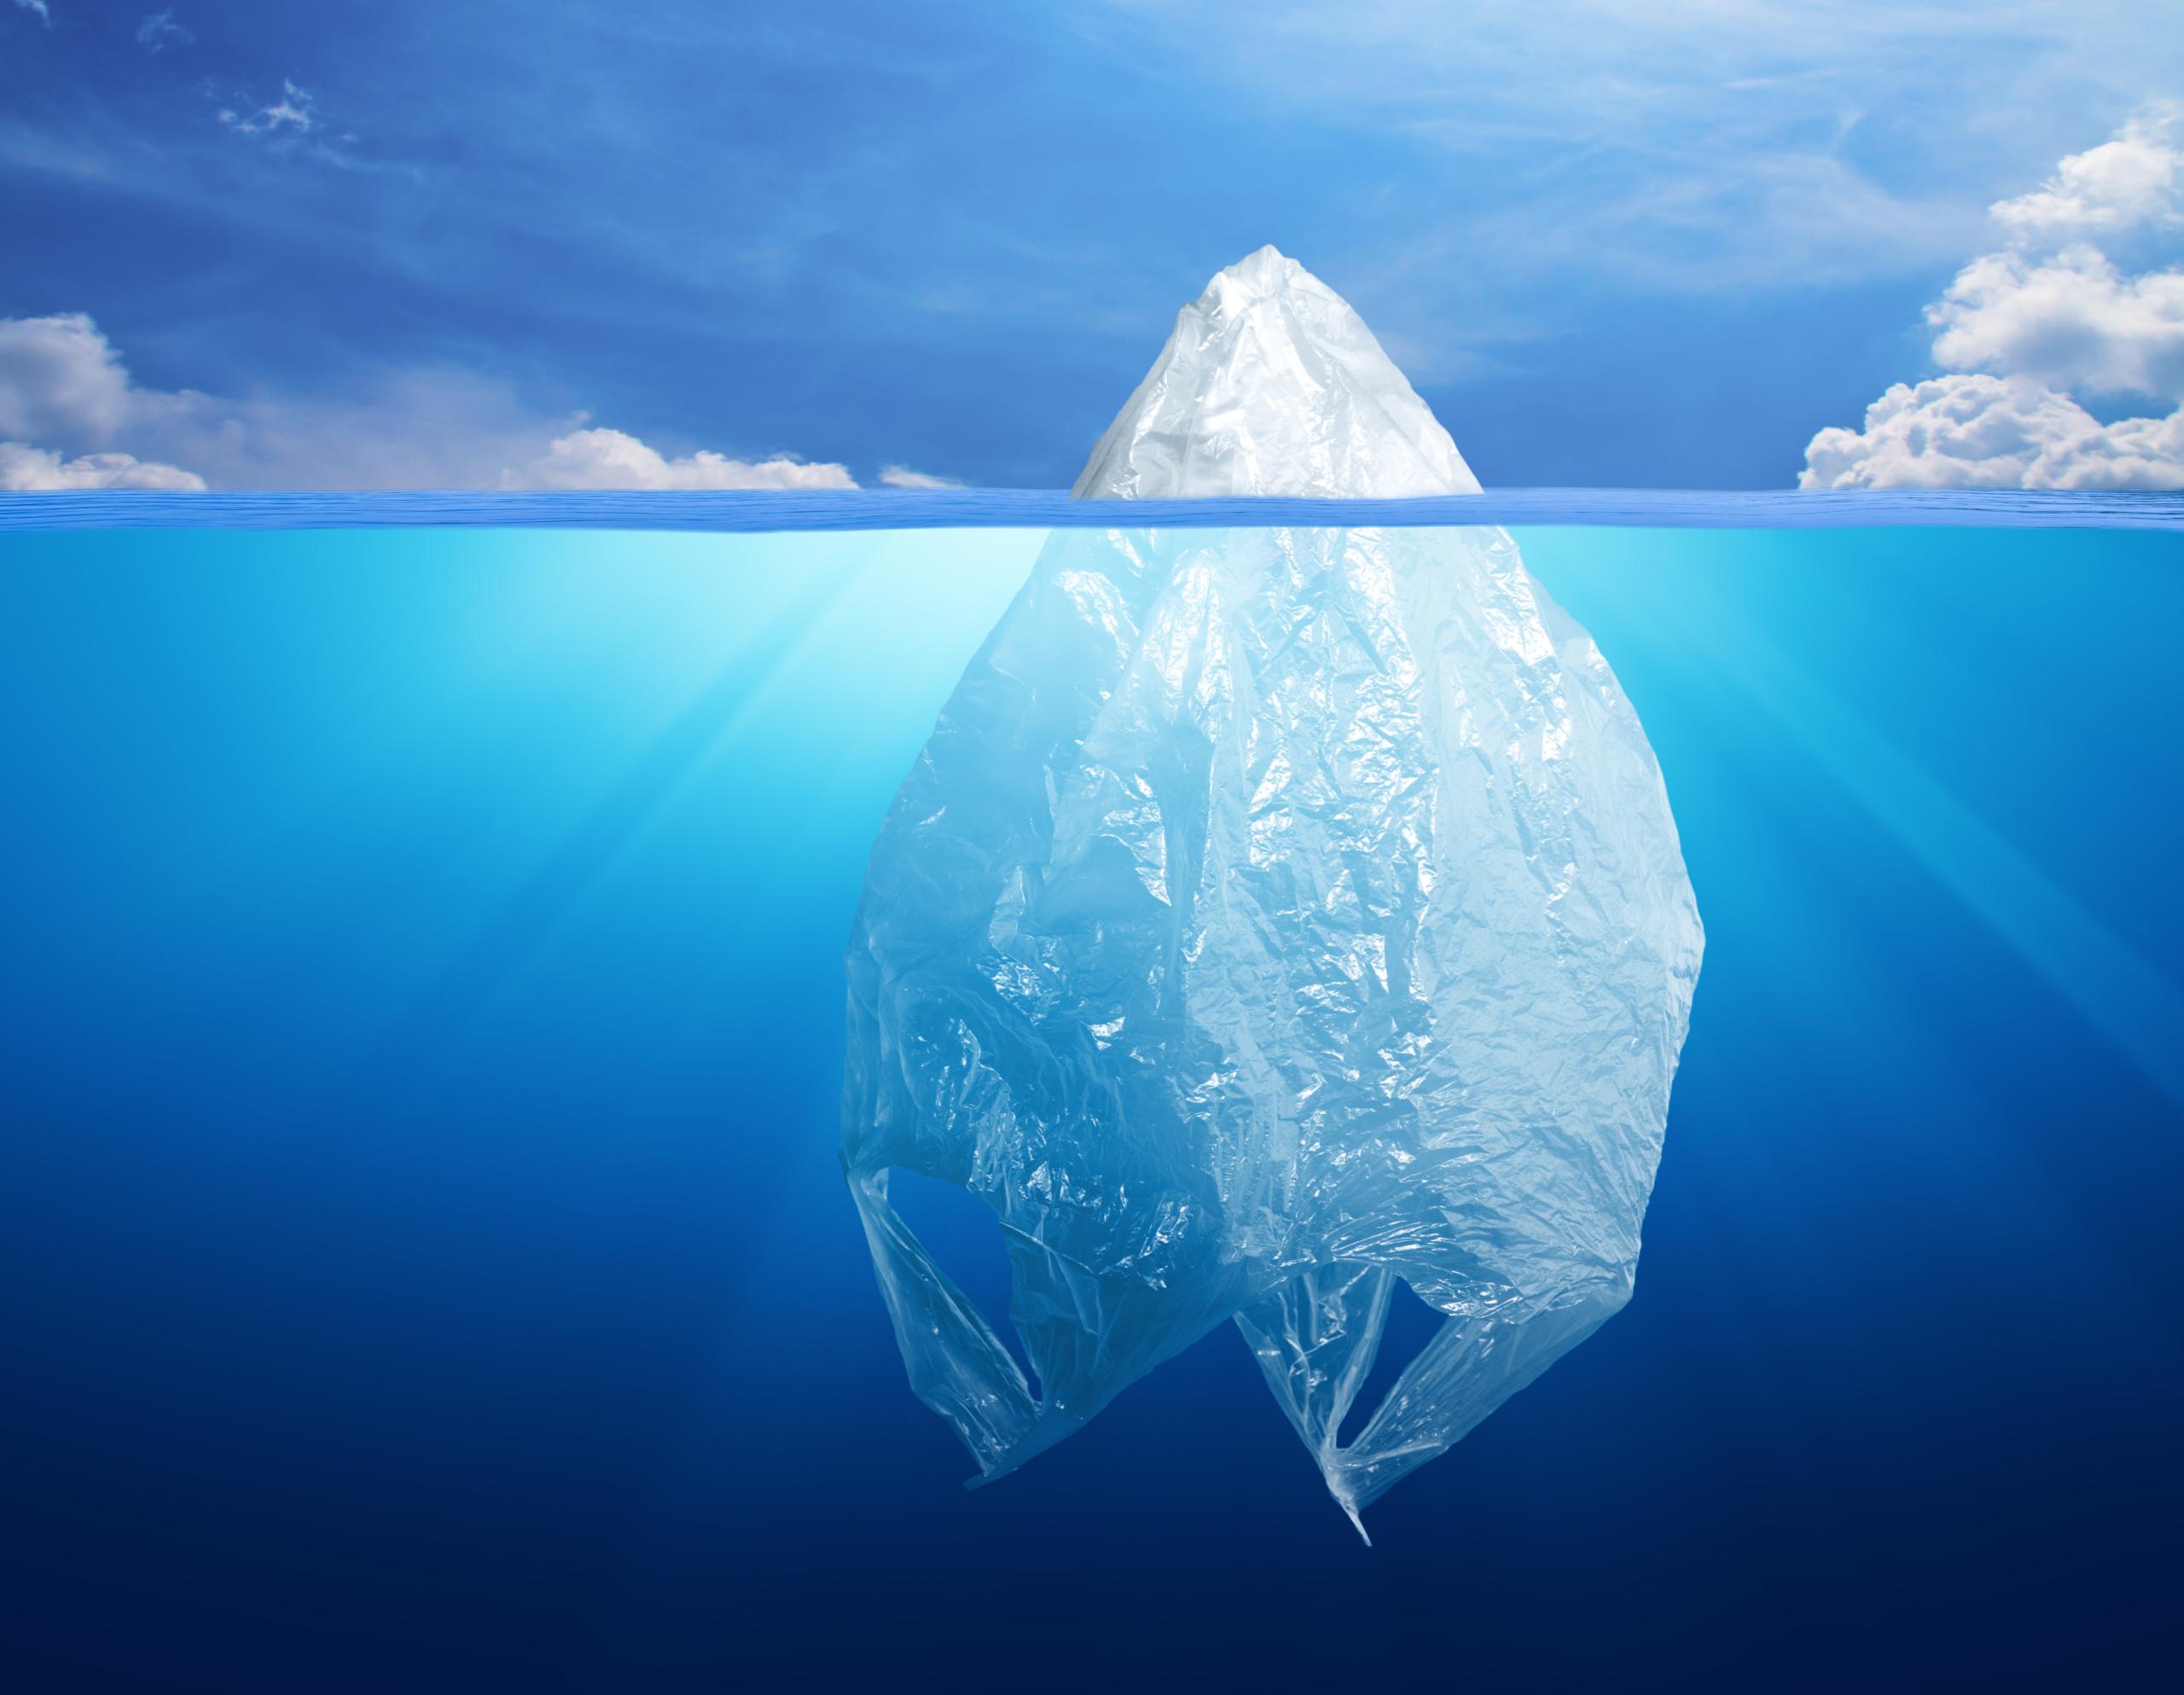 Plastiktuete im Meer stellt schmelzenden Eisberg dar